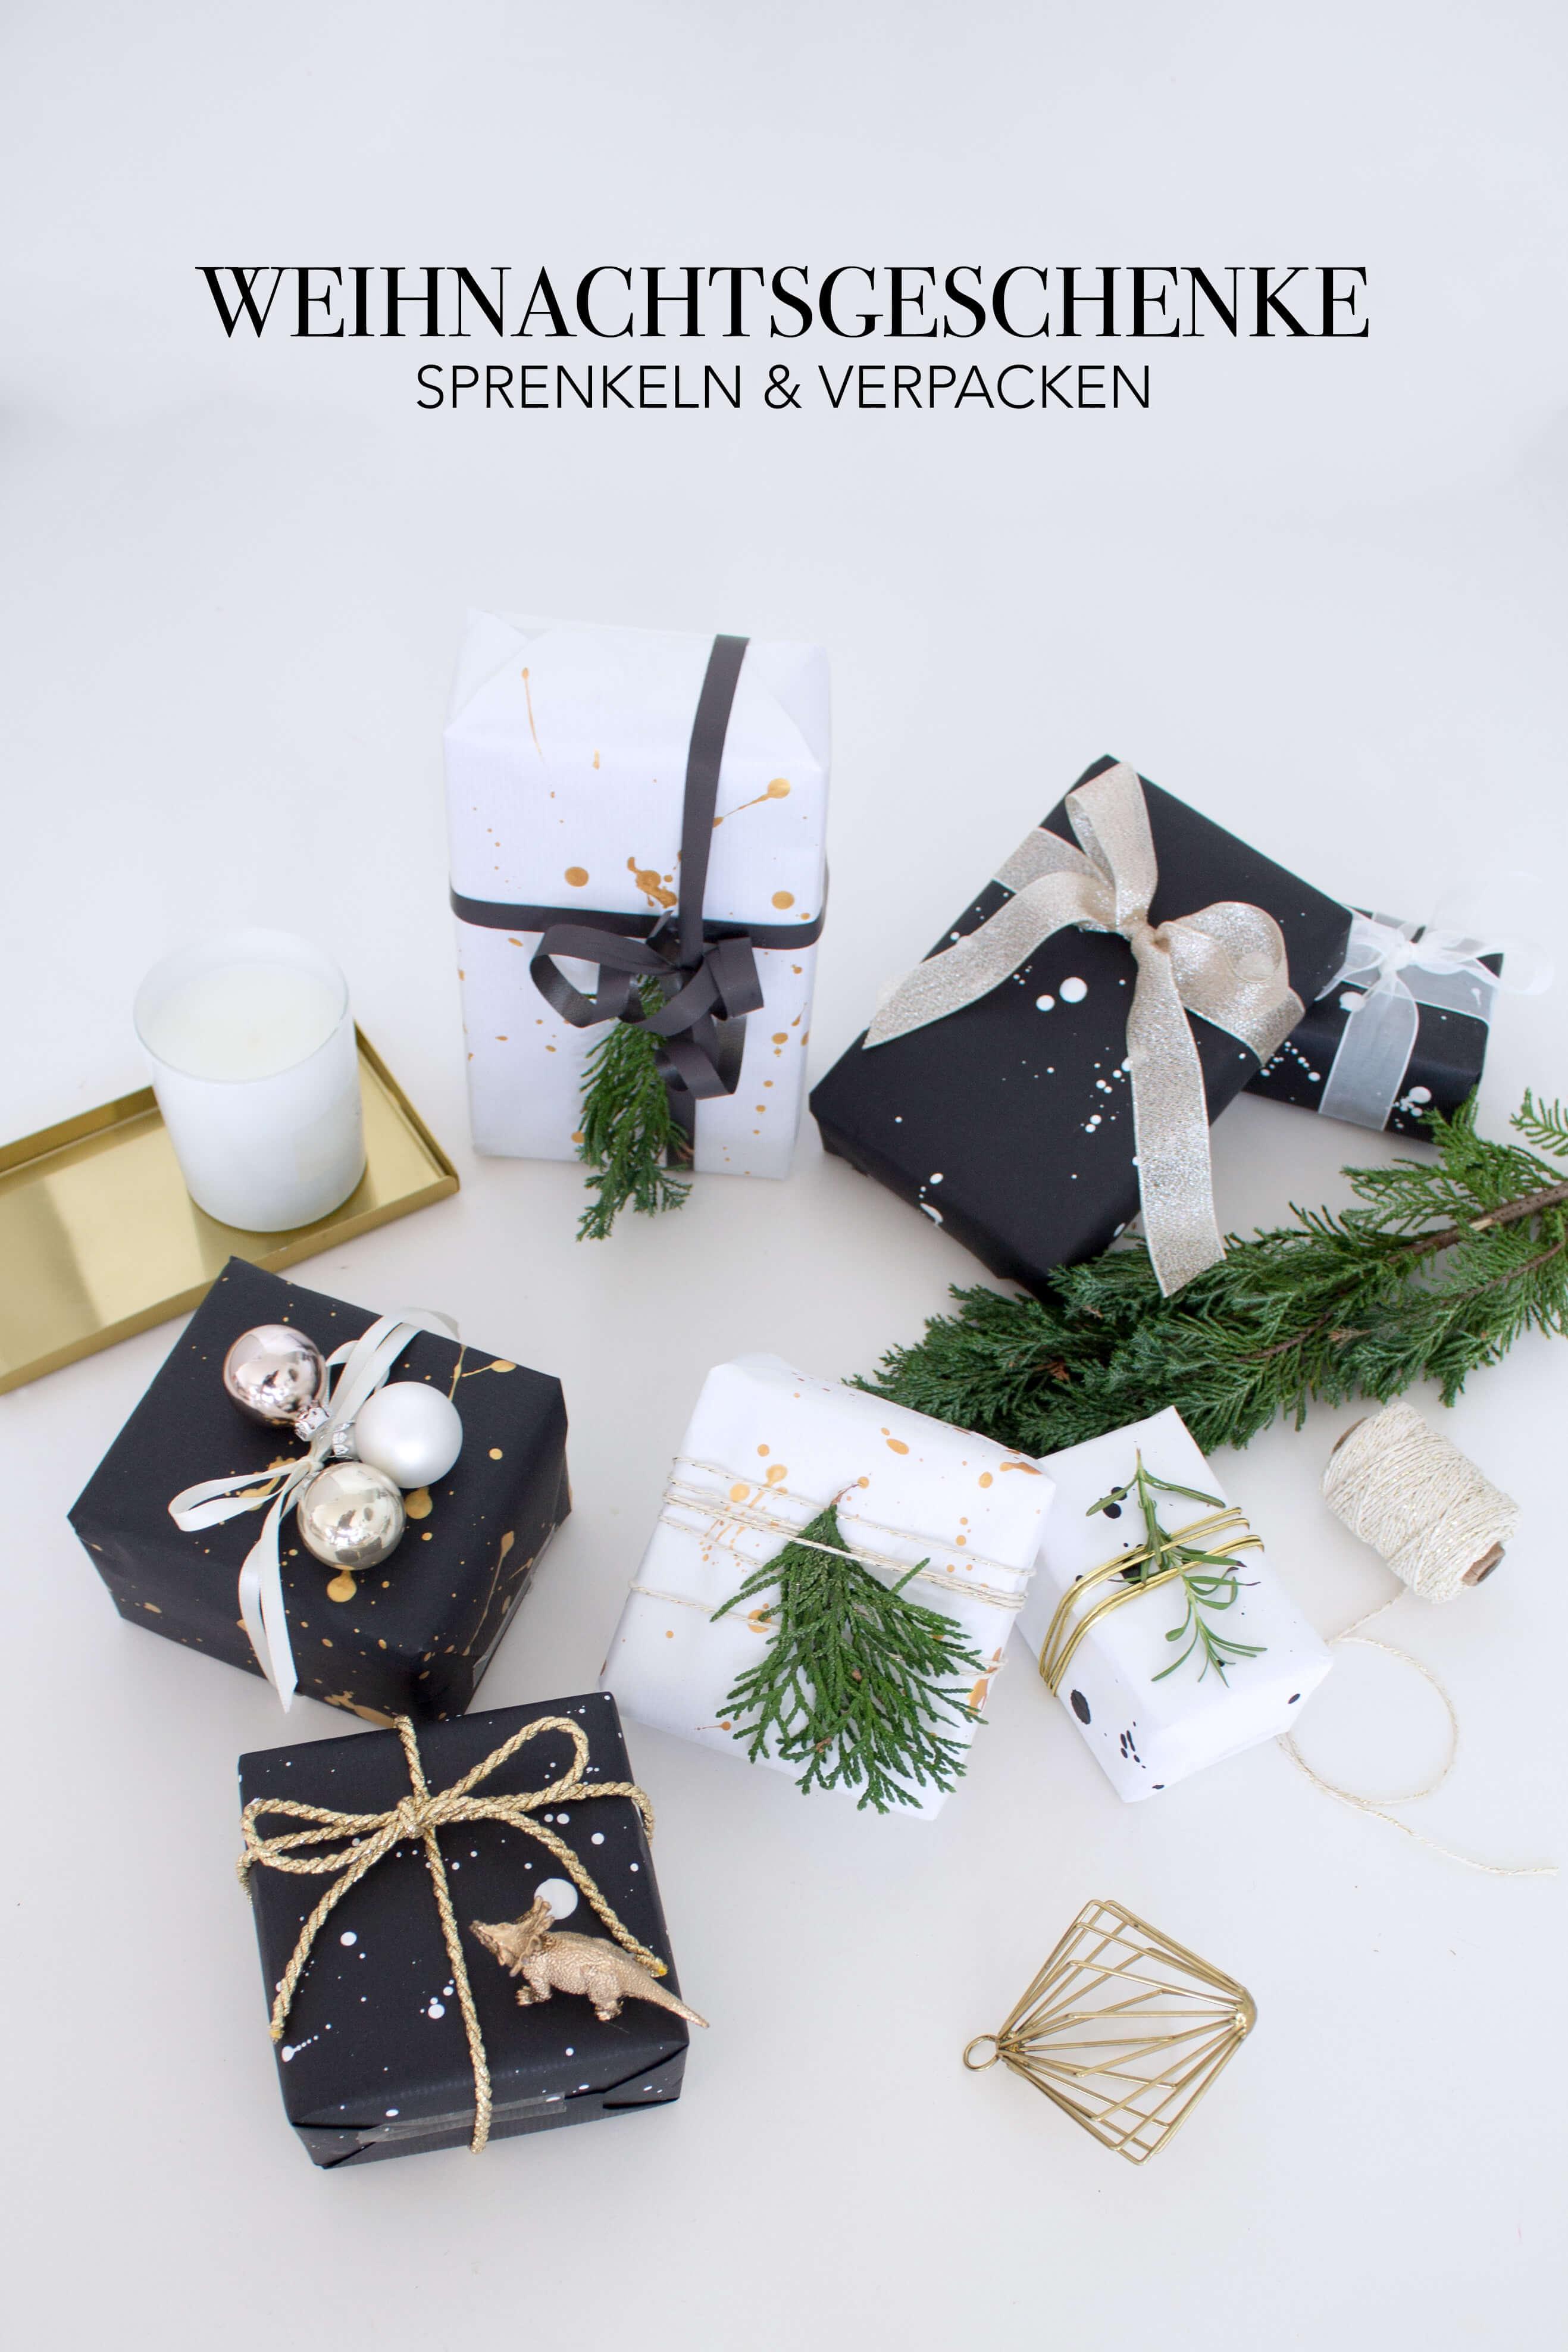 Weihnachtsgeschenke verpacken mit Sprenkeln in weiß gold schwarz - DIY Blog lindaloves.de